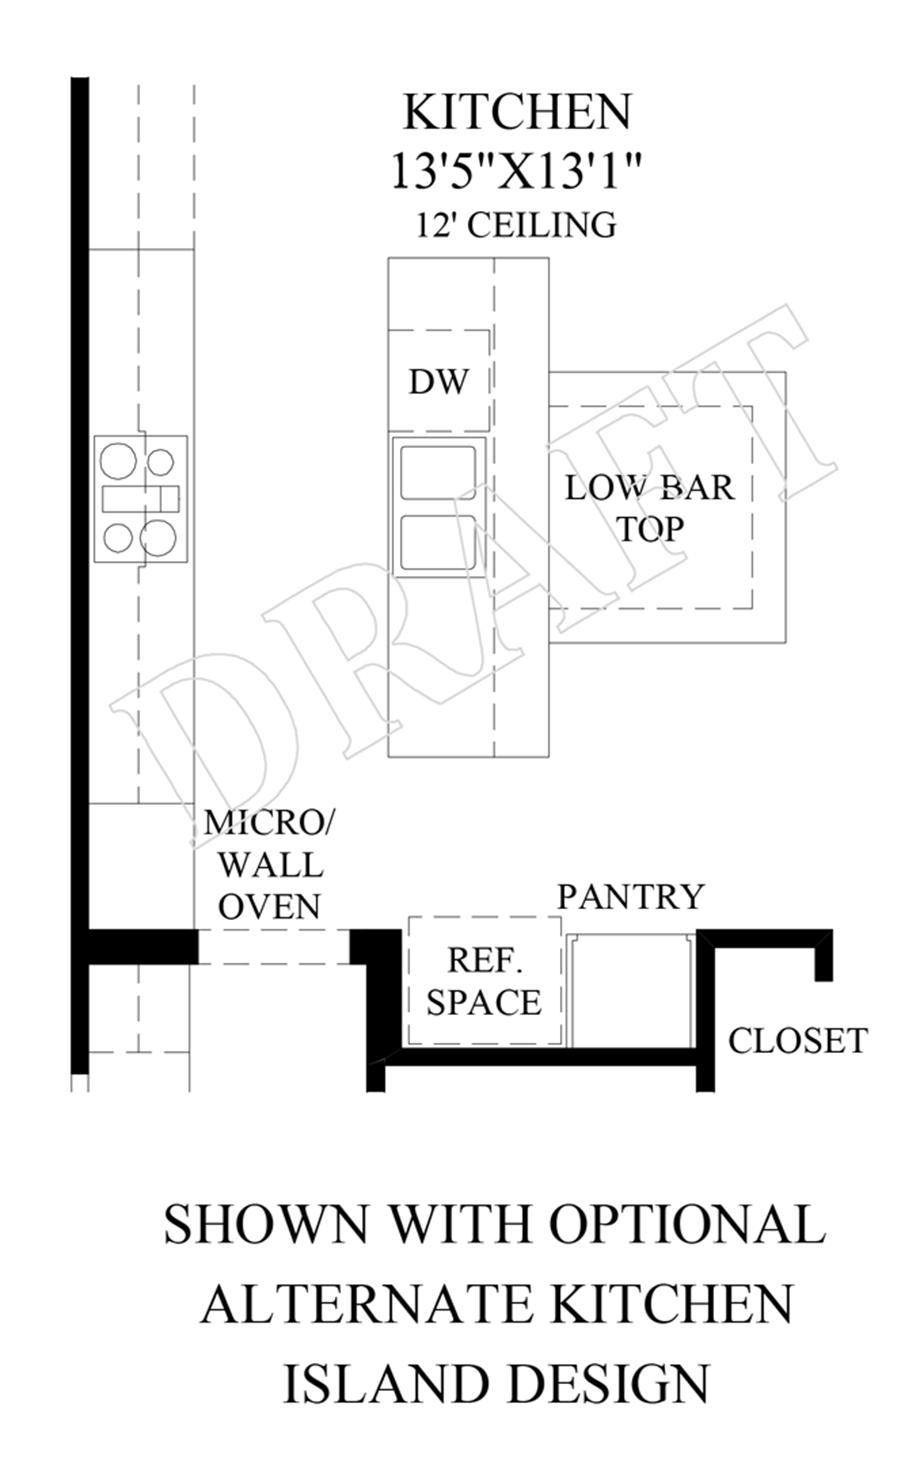 Optional Alternate Kitchen Island Design Floor Plan